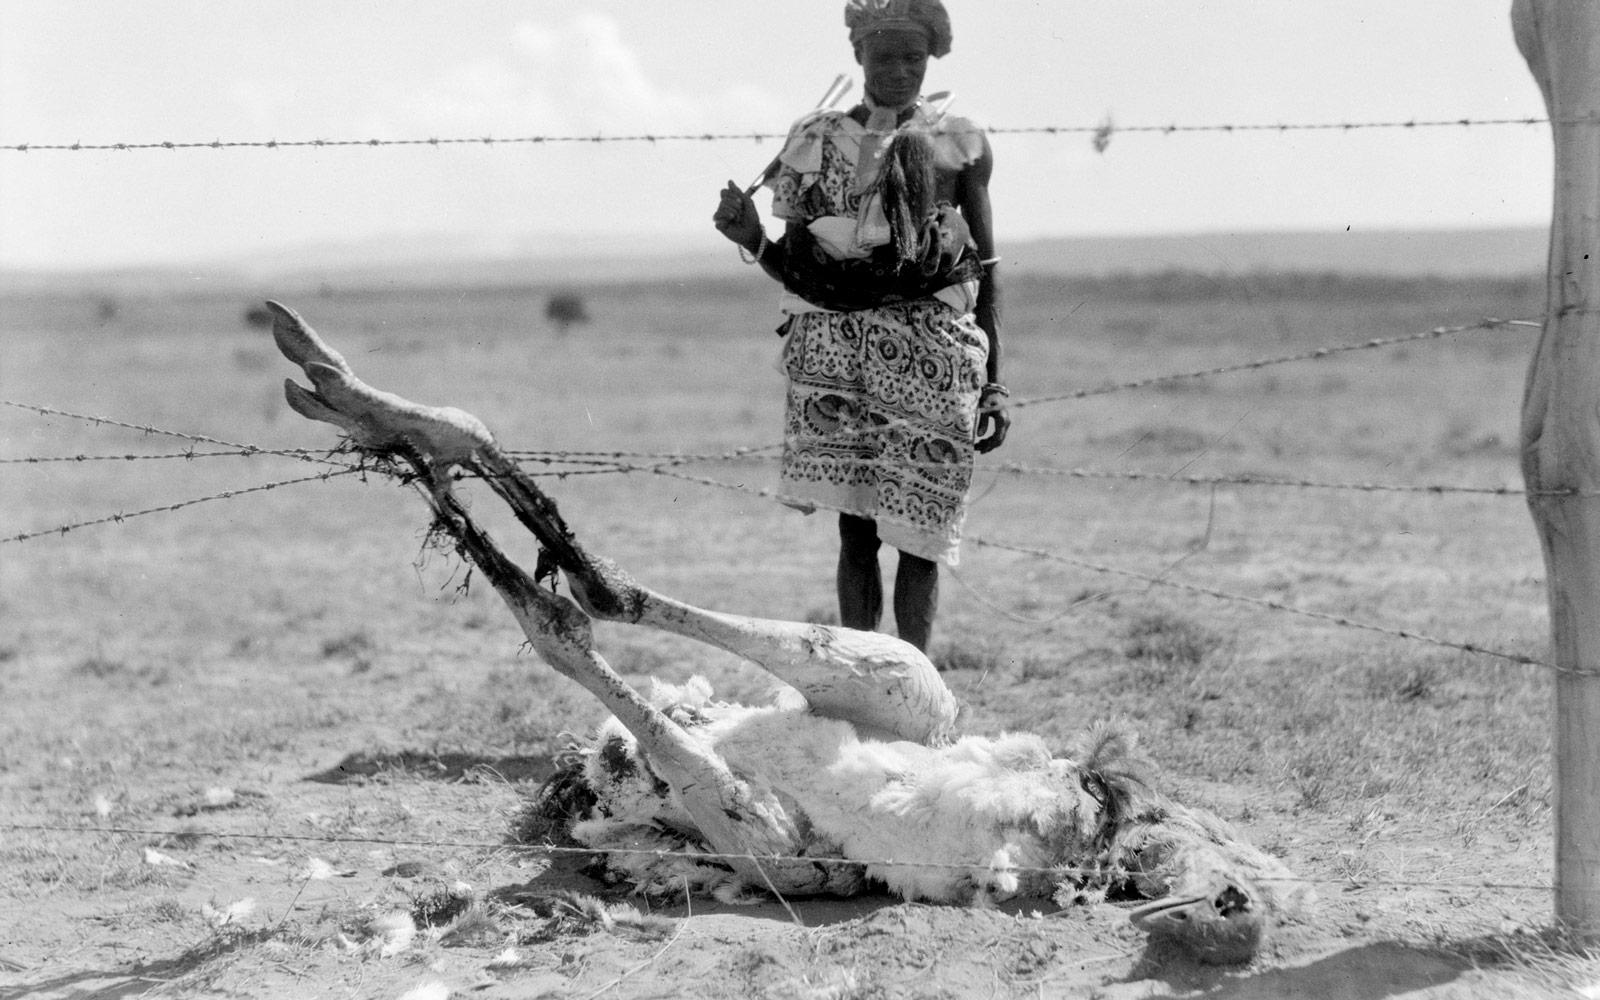 Un avestruz muerto con los pies enredados en alambre de púas. Rift Valley, 1936